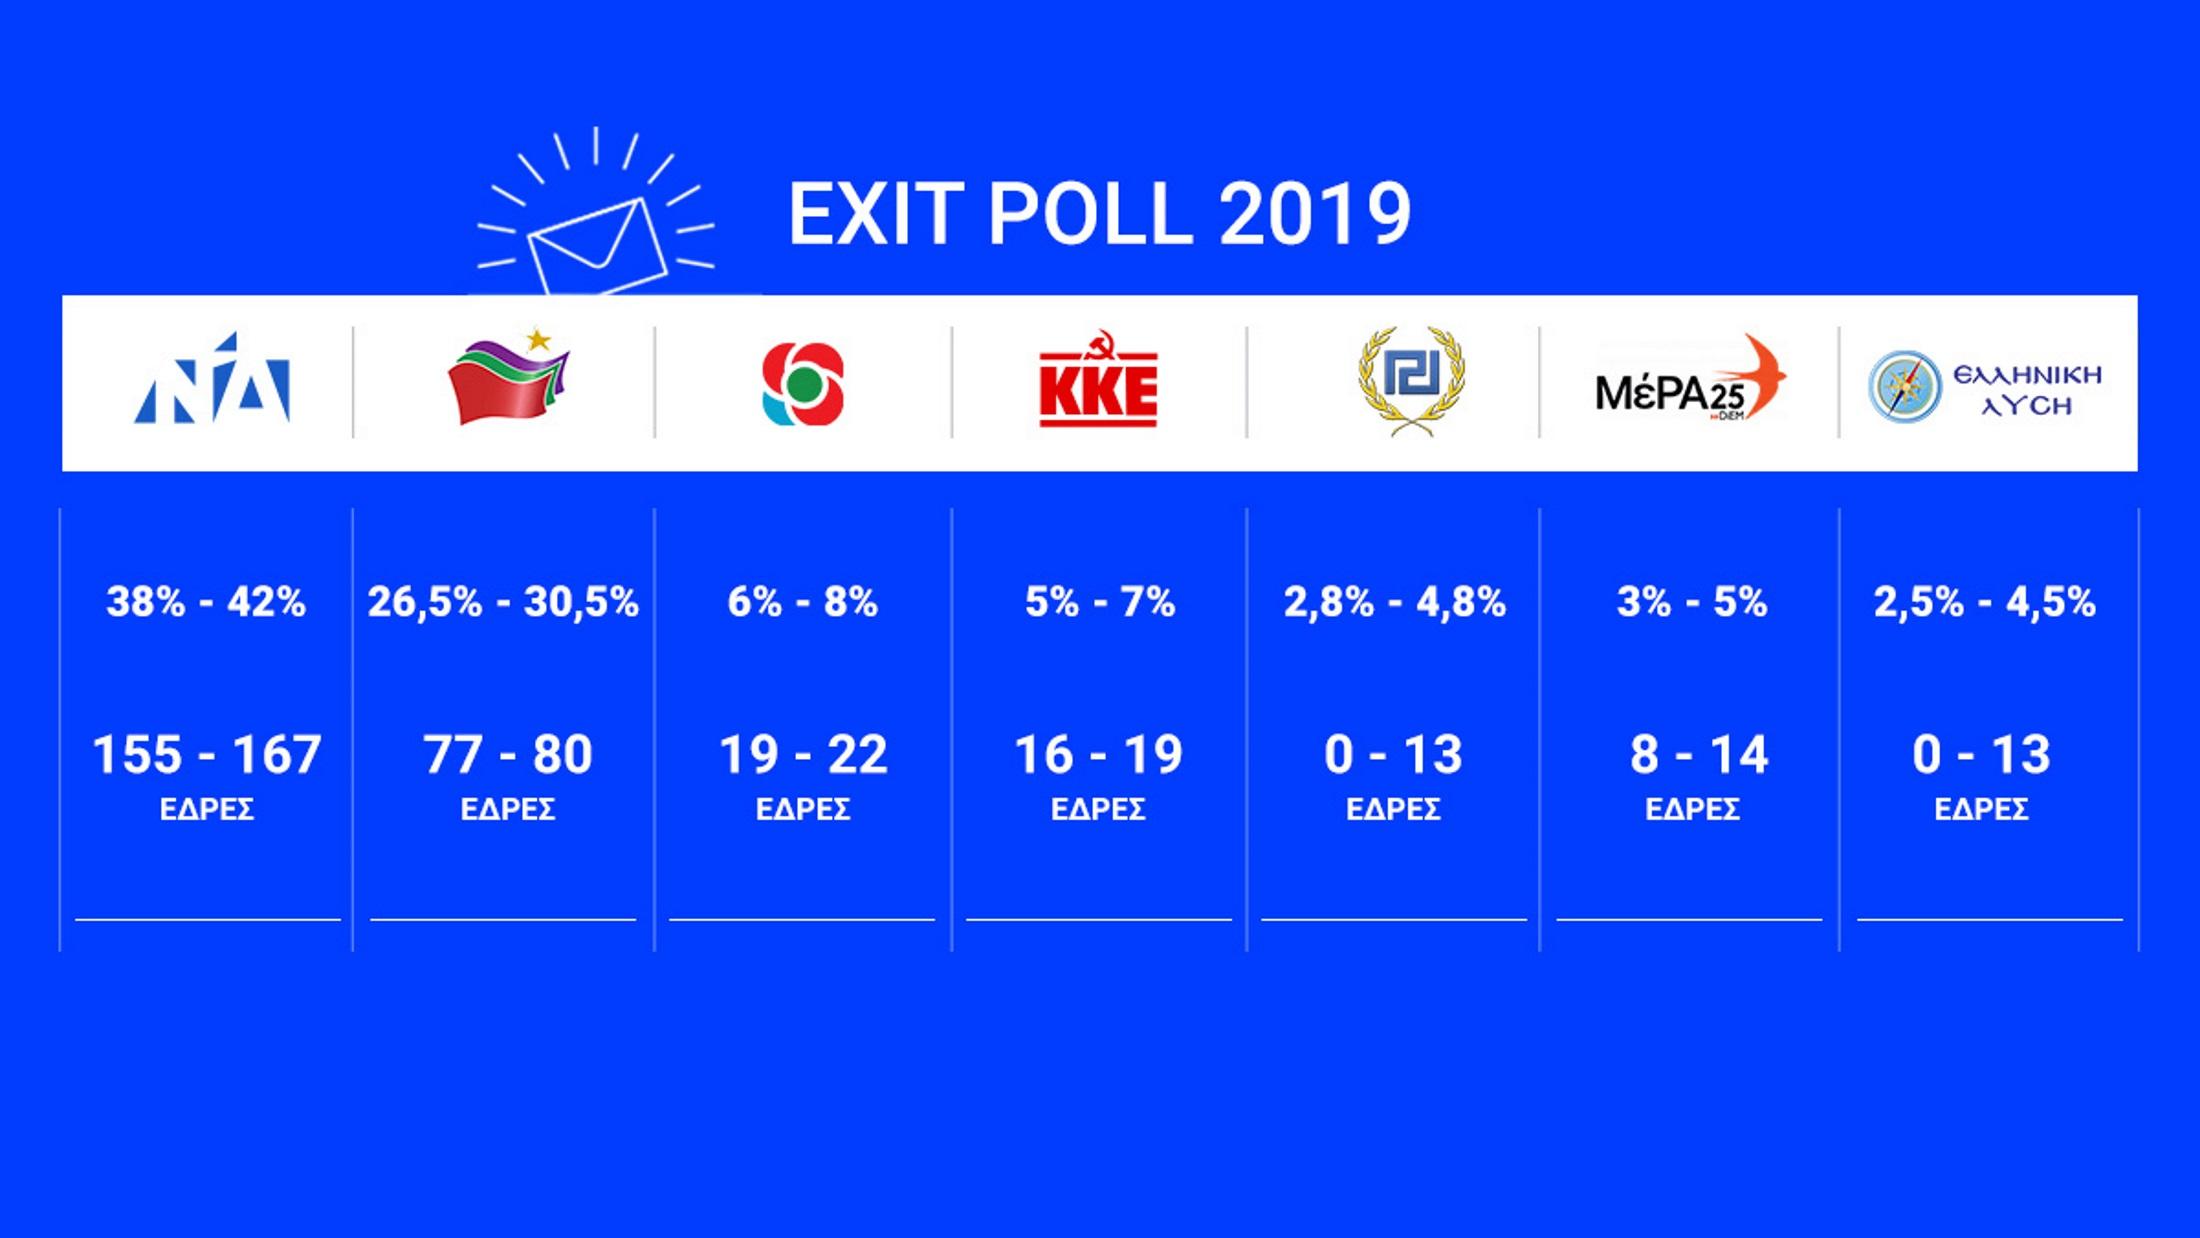 Exit poll: Εκλογικός θρίαμβος Κυριάκου Μητσοτάκη! - Διψήφια διαφορά και αυτοδυναμία!